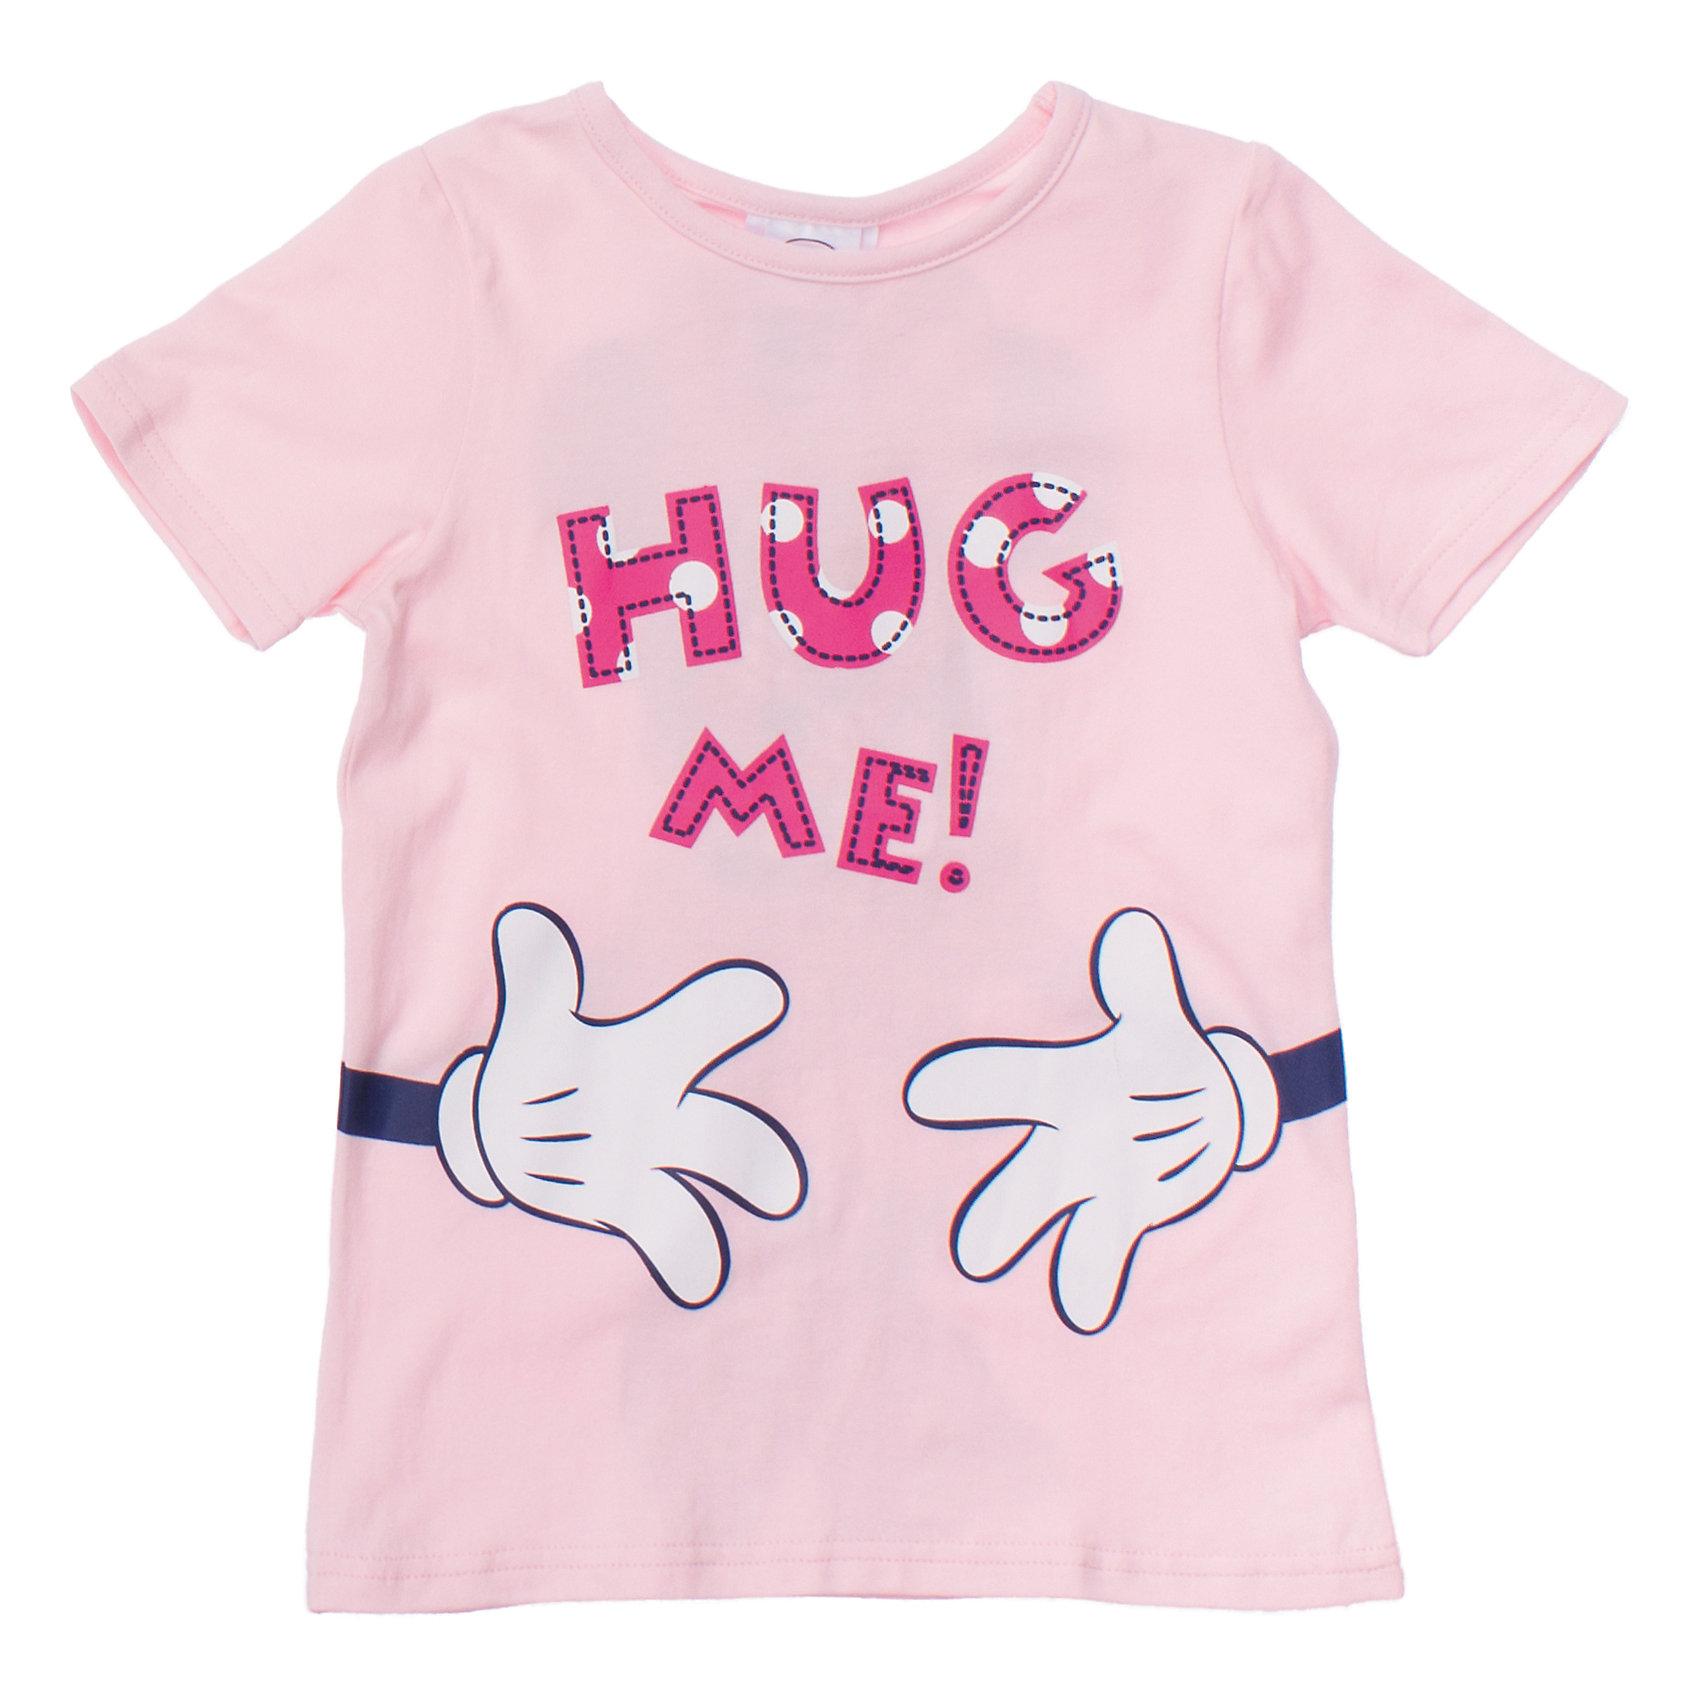 Футболка для девочки PlayTodayУютная футболка клубнично-йогуртового цвета. Украшена забавным принтом с Минни-маус спереди и сзади. Состав: 95% хлопок, 5% эластан<br><br>Ширина мм: 199<br>Глубина мм: 10<br>Высота мм: 161<br>Вес г: 151<br>Цвет: розовый<br>Возраст от месяцев: 36<br>Возраст до месяцев: 48<br>Пол: Женский<br>Возраст: Детский<br>Размер: 104,116,110,98,128,122<br>SKU: 4652919